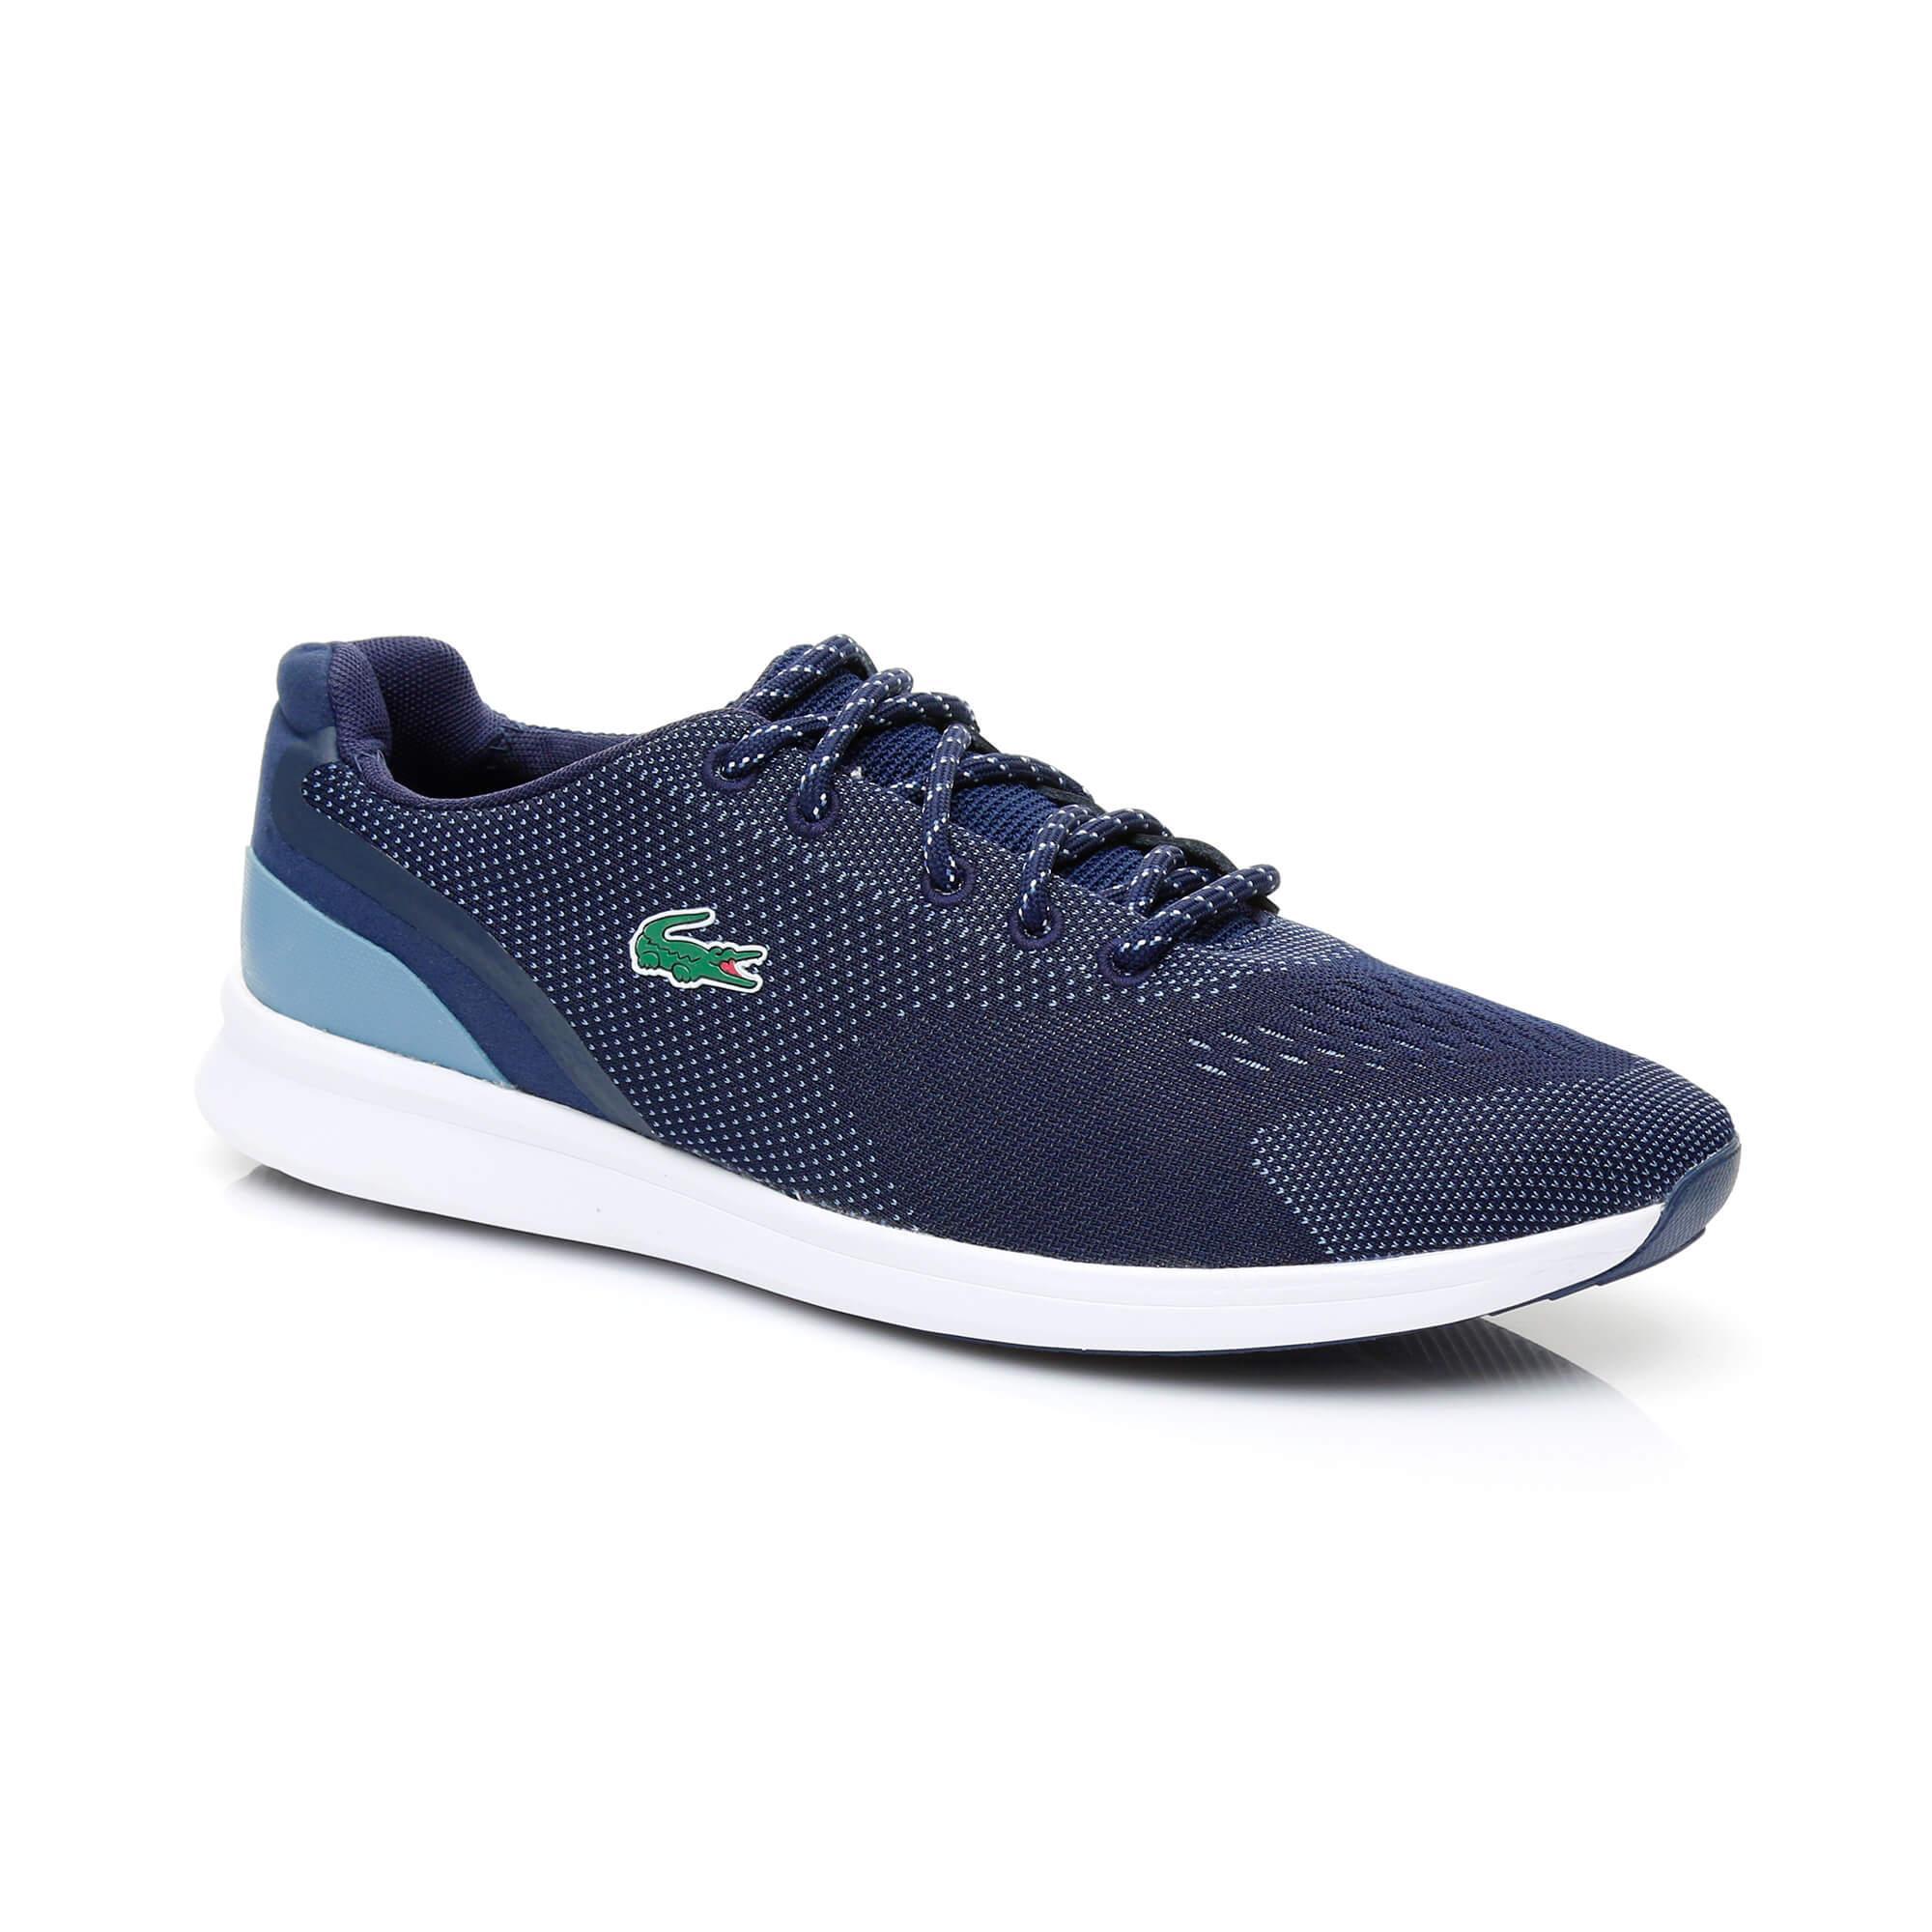 Lacoste Frnt Runner 118 1 Męskie Sneakersy